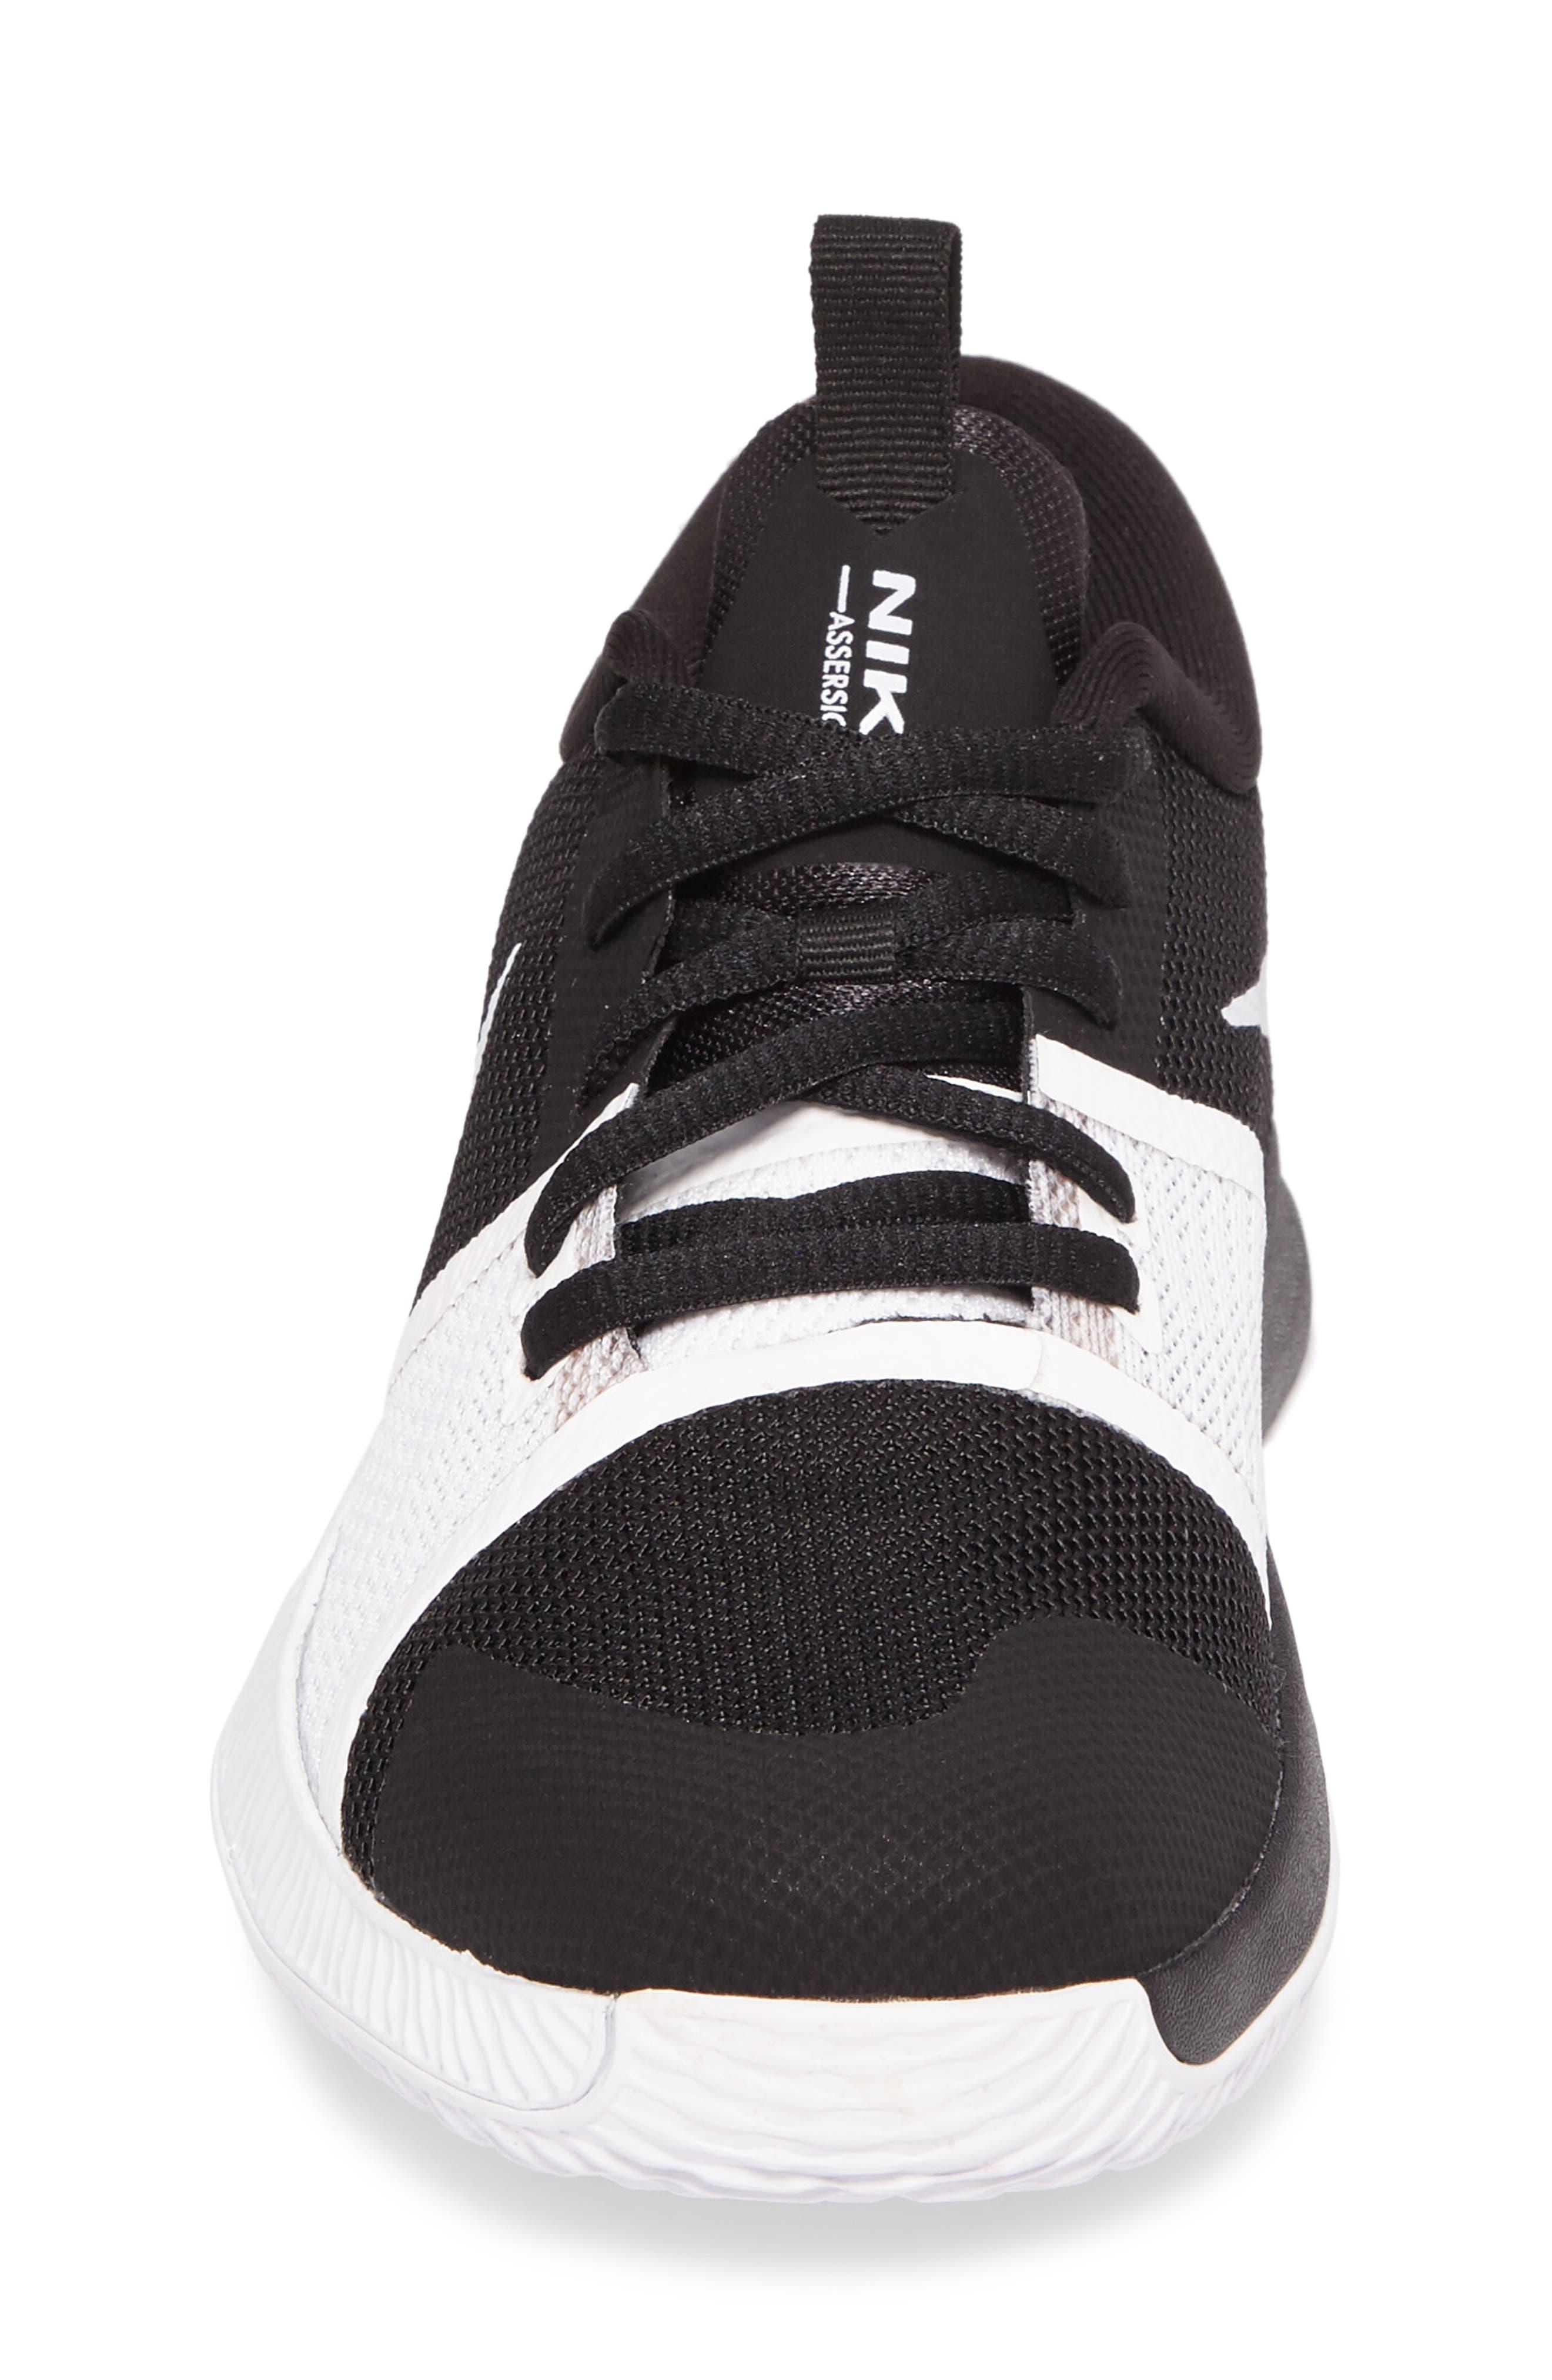 Assersion Sneaker,                             Alternate thumbnail 4, color,                             Black/ White